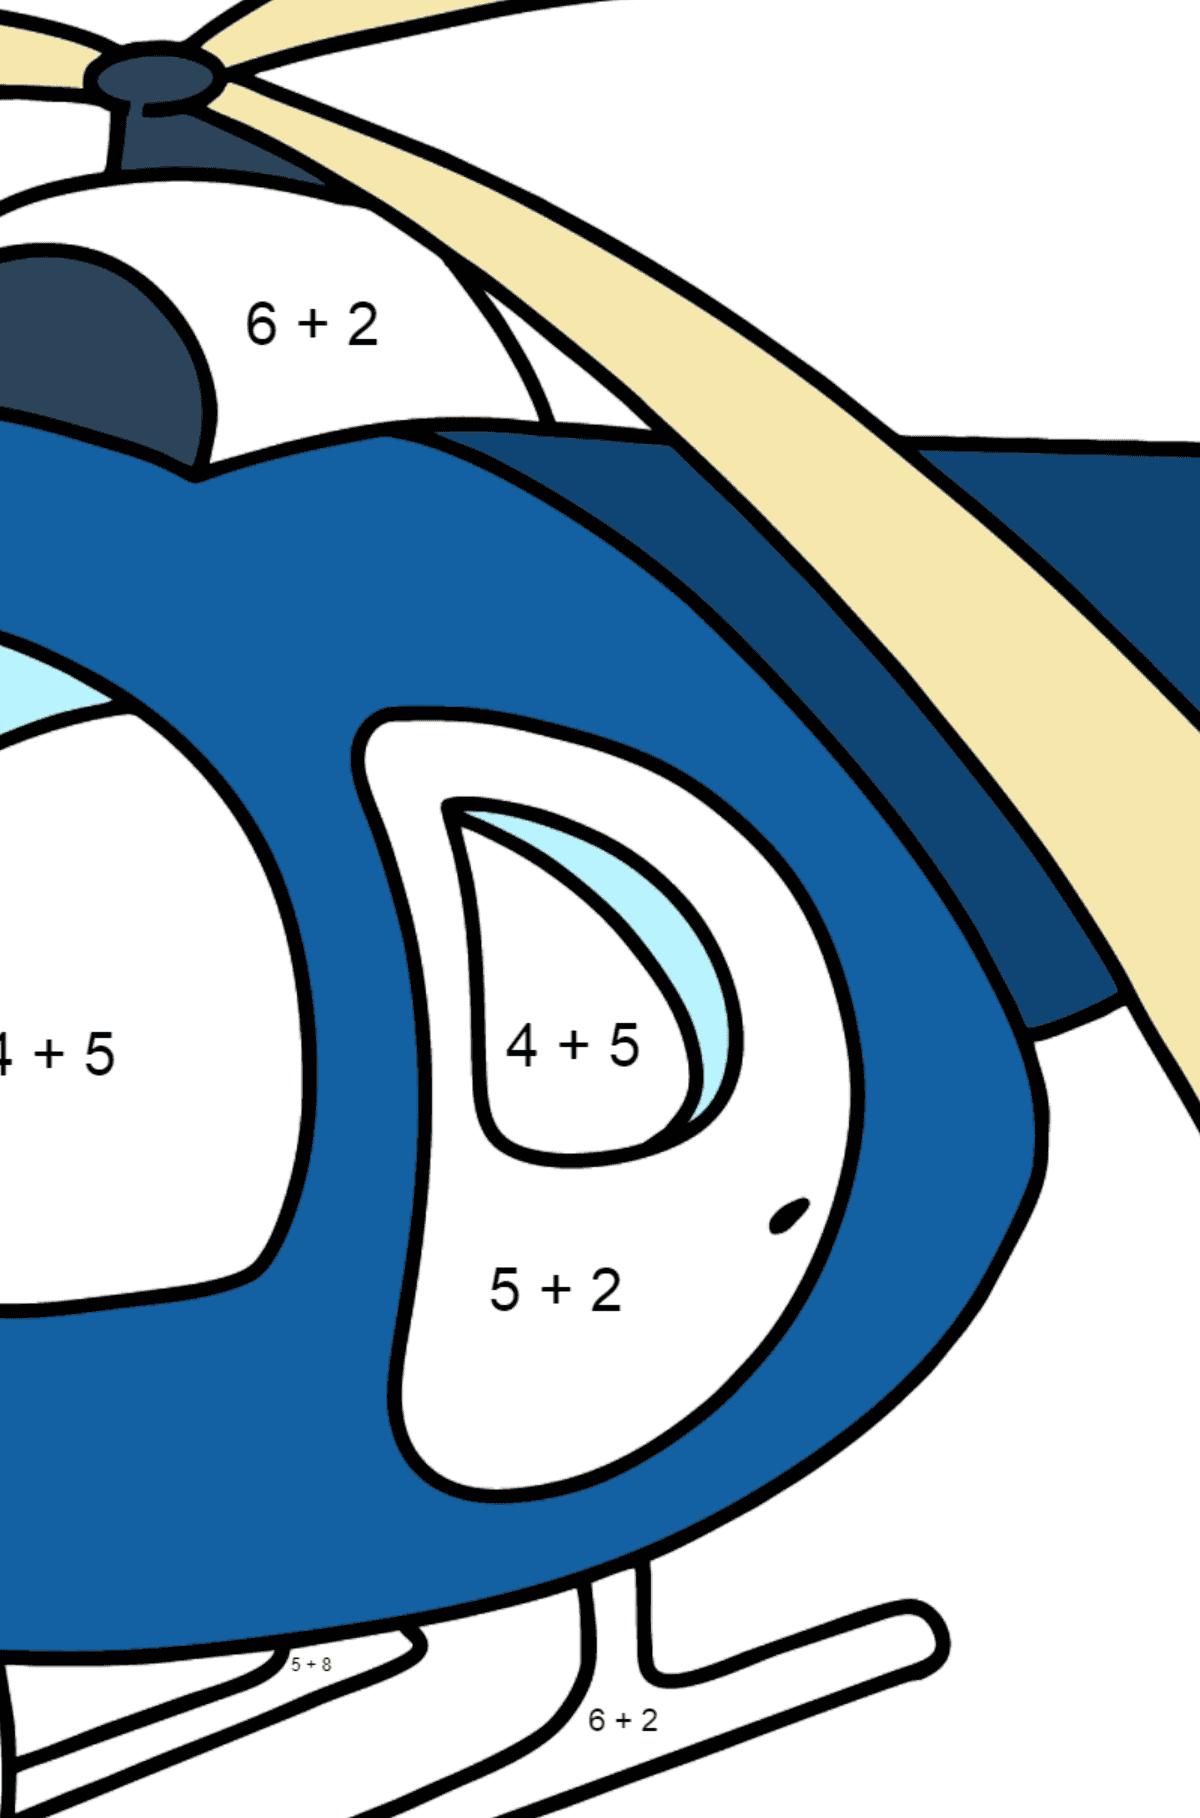 Раскраска вертолет для малышей - Математическая Раскраска - Сложение для Детей